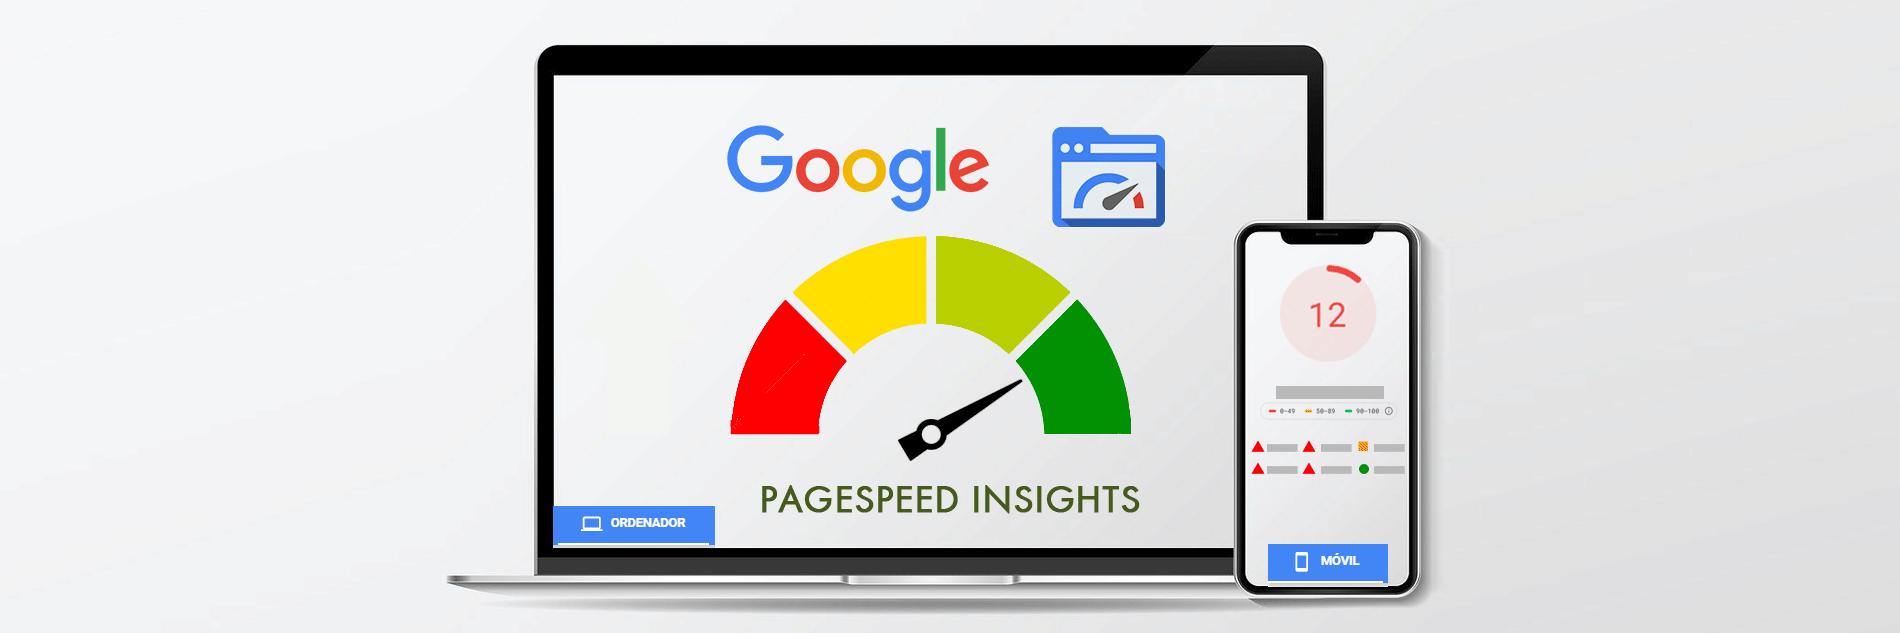 Analizamos PageSpeed Insights, la herramienta de test de velocidad web de Google que nos guía con un listado de optimizaciones web para mejorar nuestro WPO. Revisa la checklist.